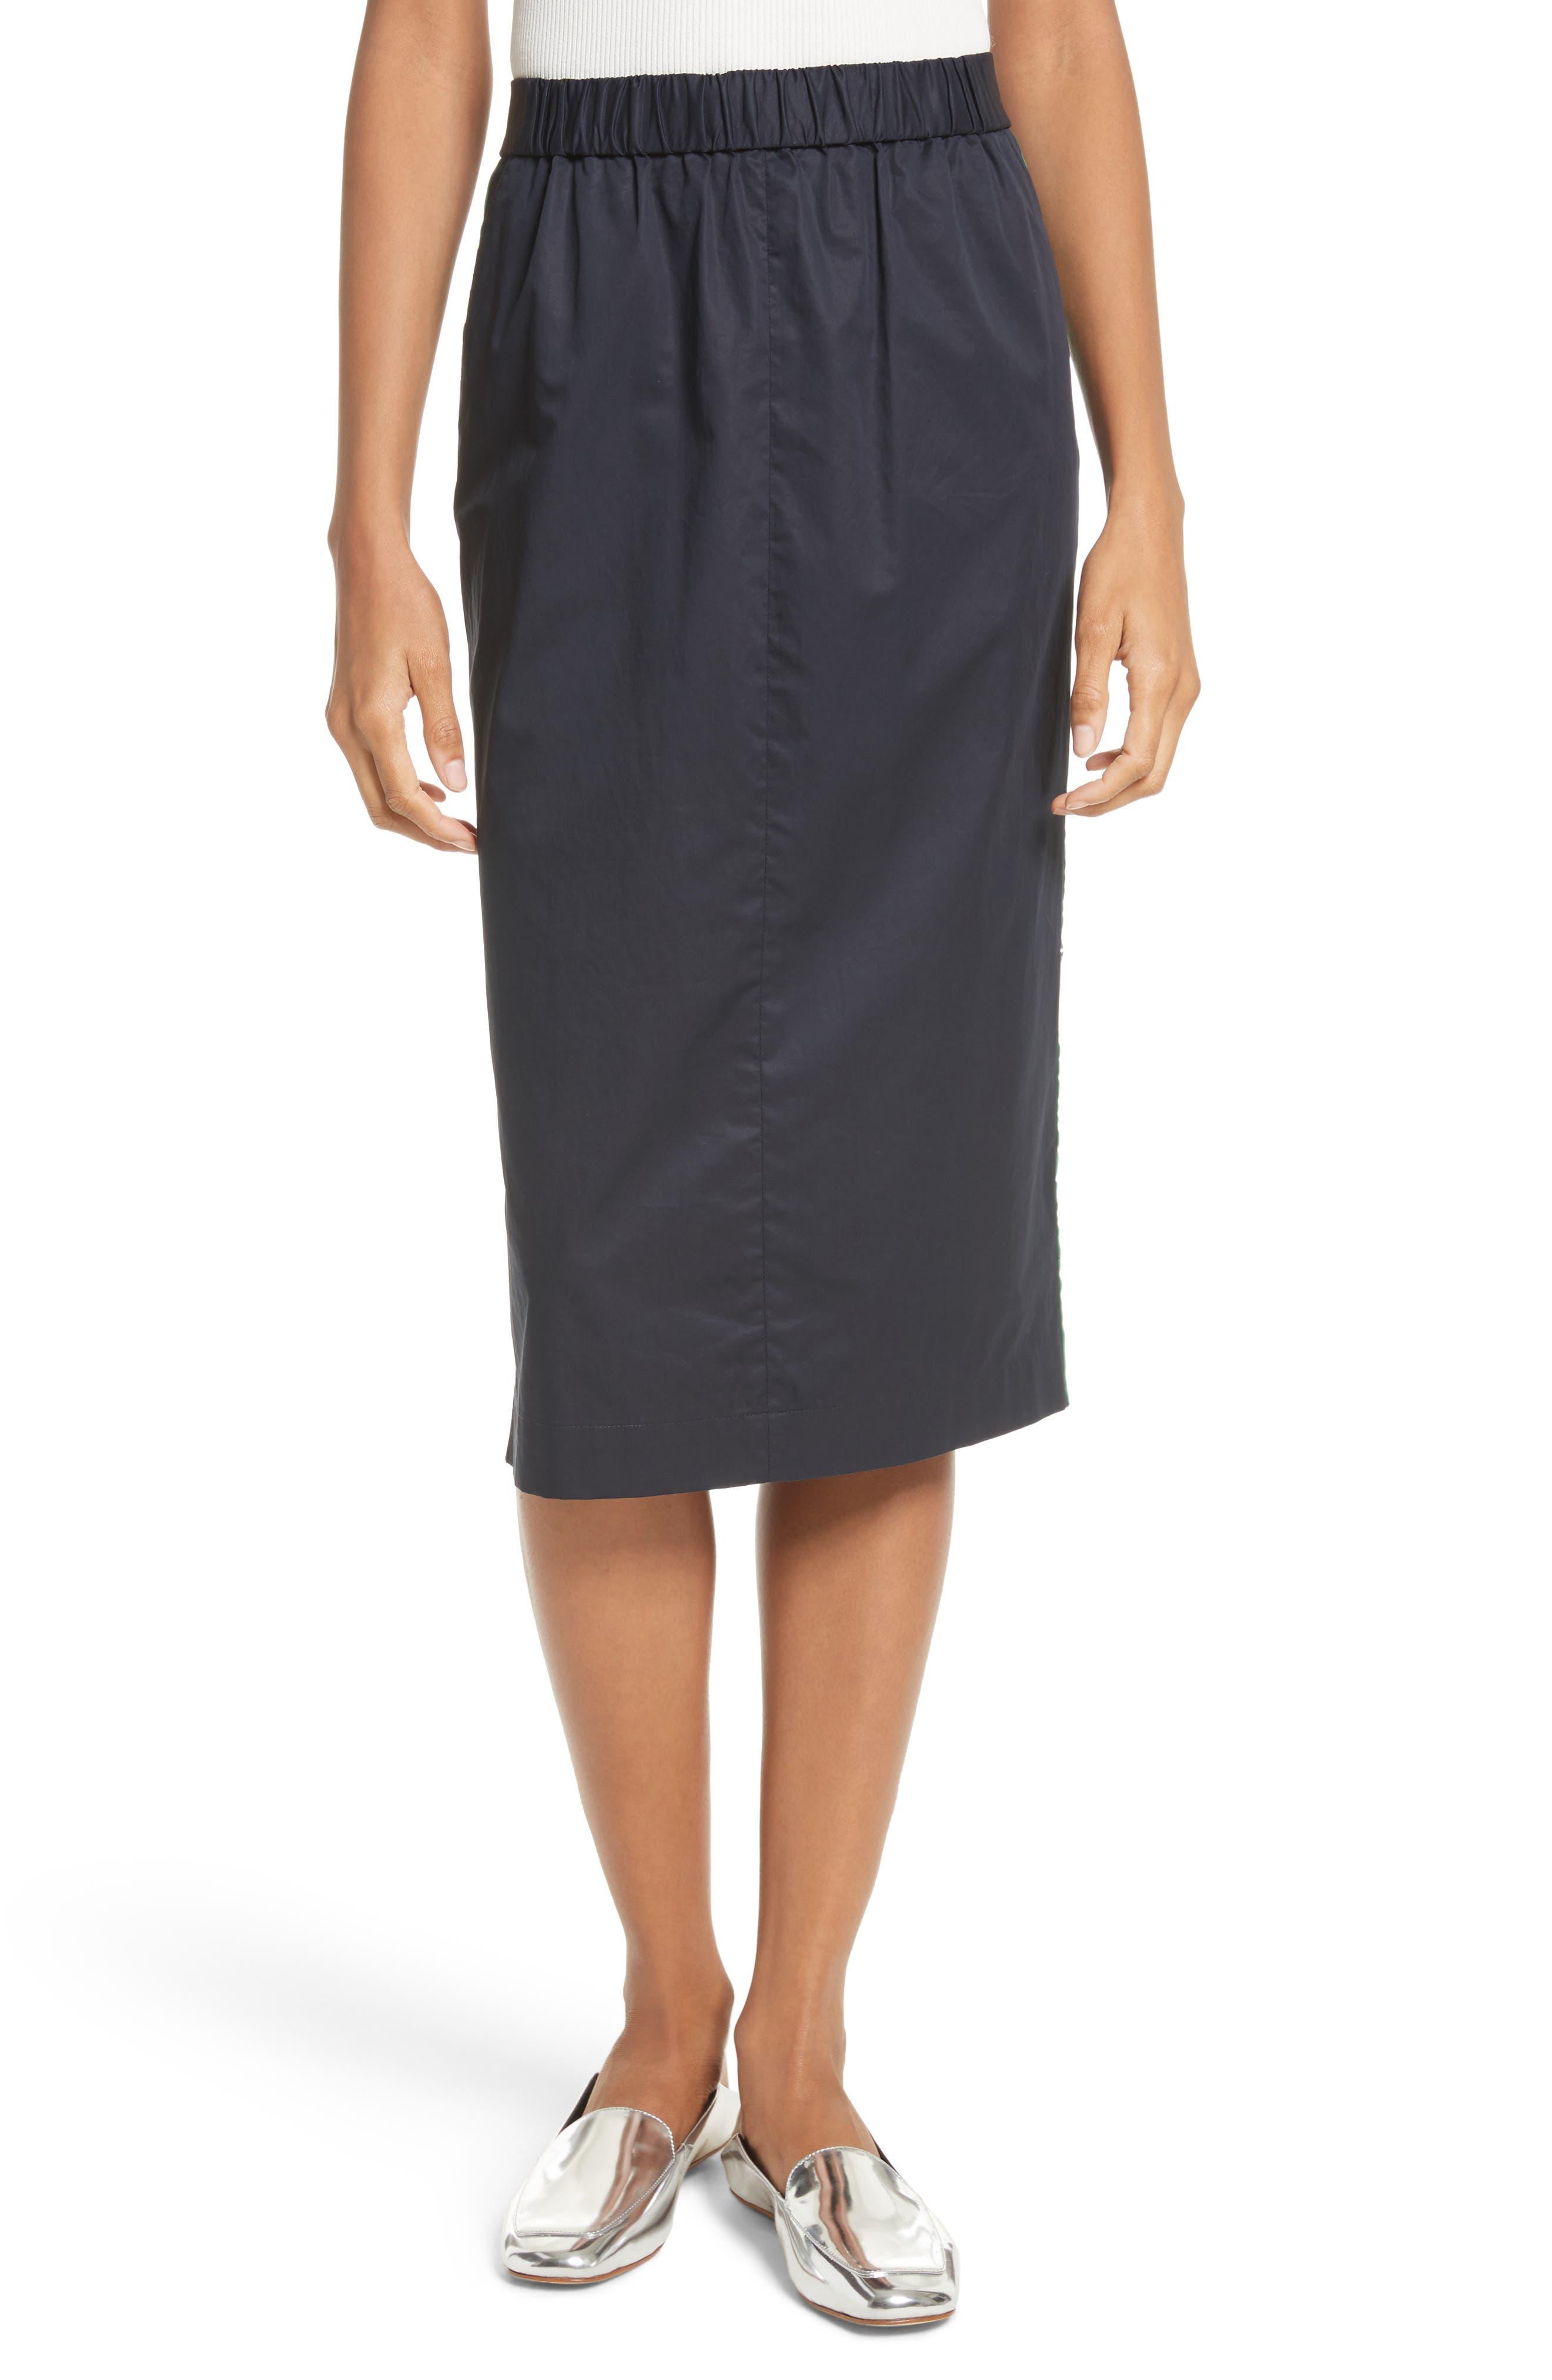 Alternate Image 1 Selected - Tibi Side Snap Skirt